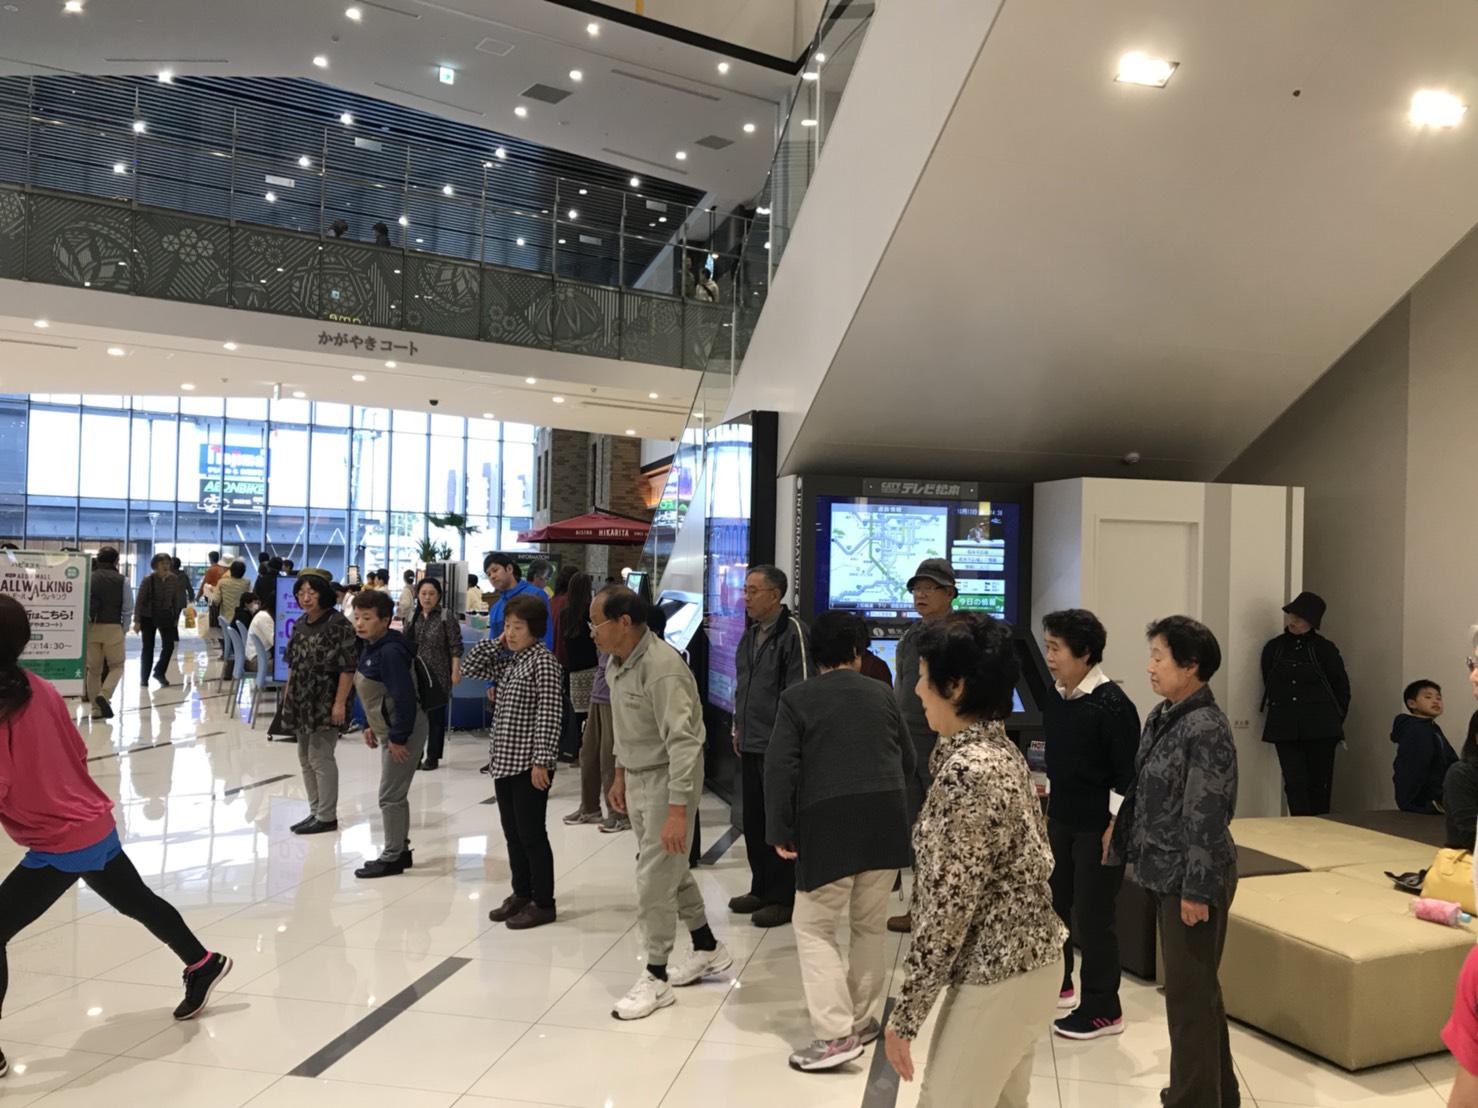 イオンモール松本・地域の活性化や住民の交流促進活動